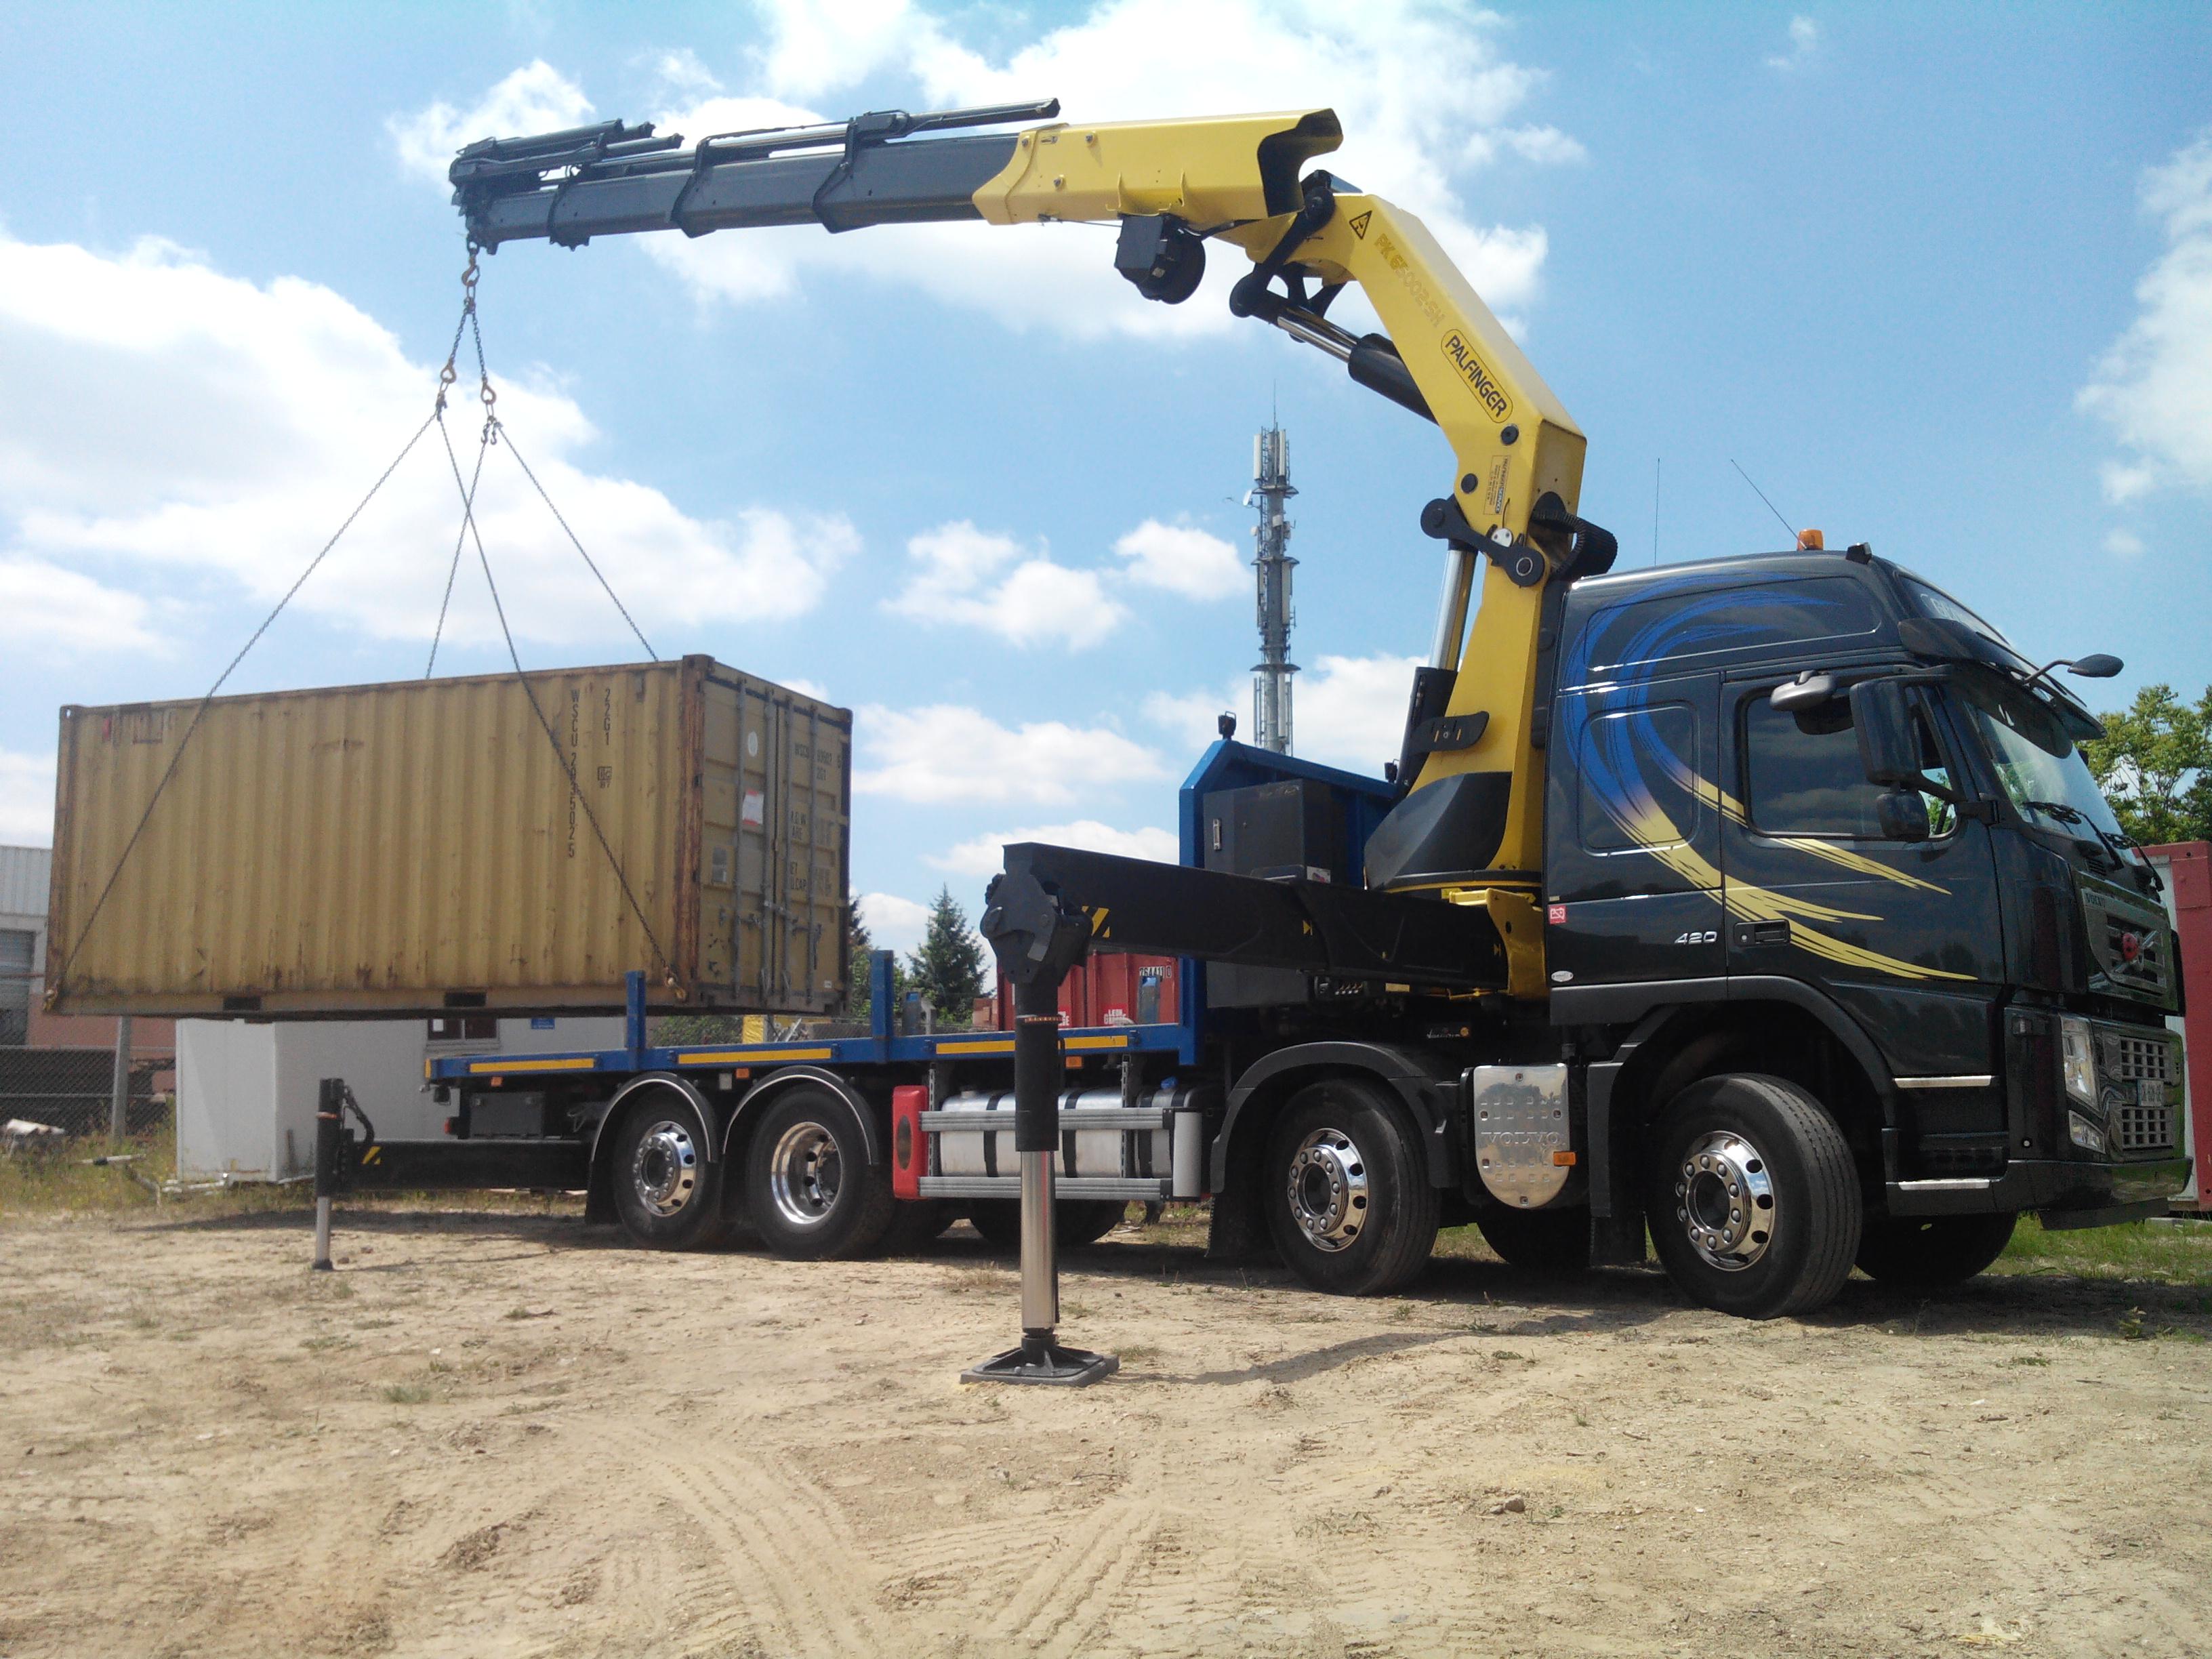 Grue pk62002 sh avec plateau porte container - Camion porte container avec grue occasion ...